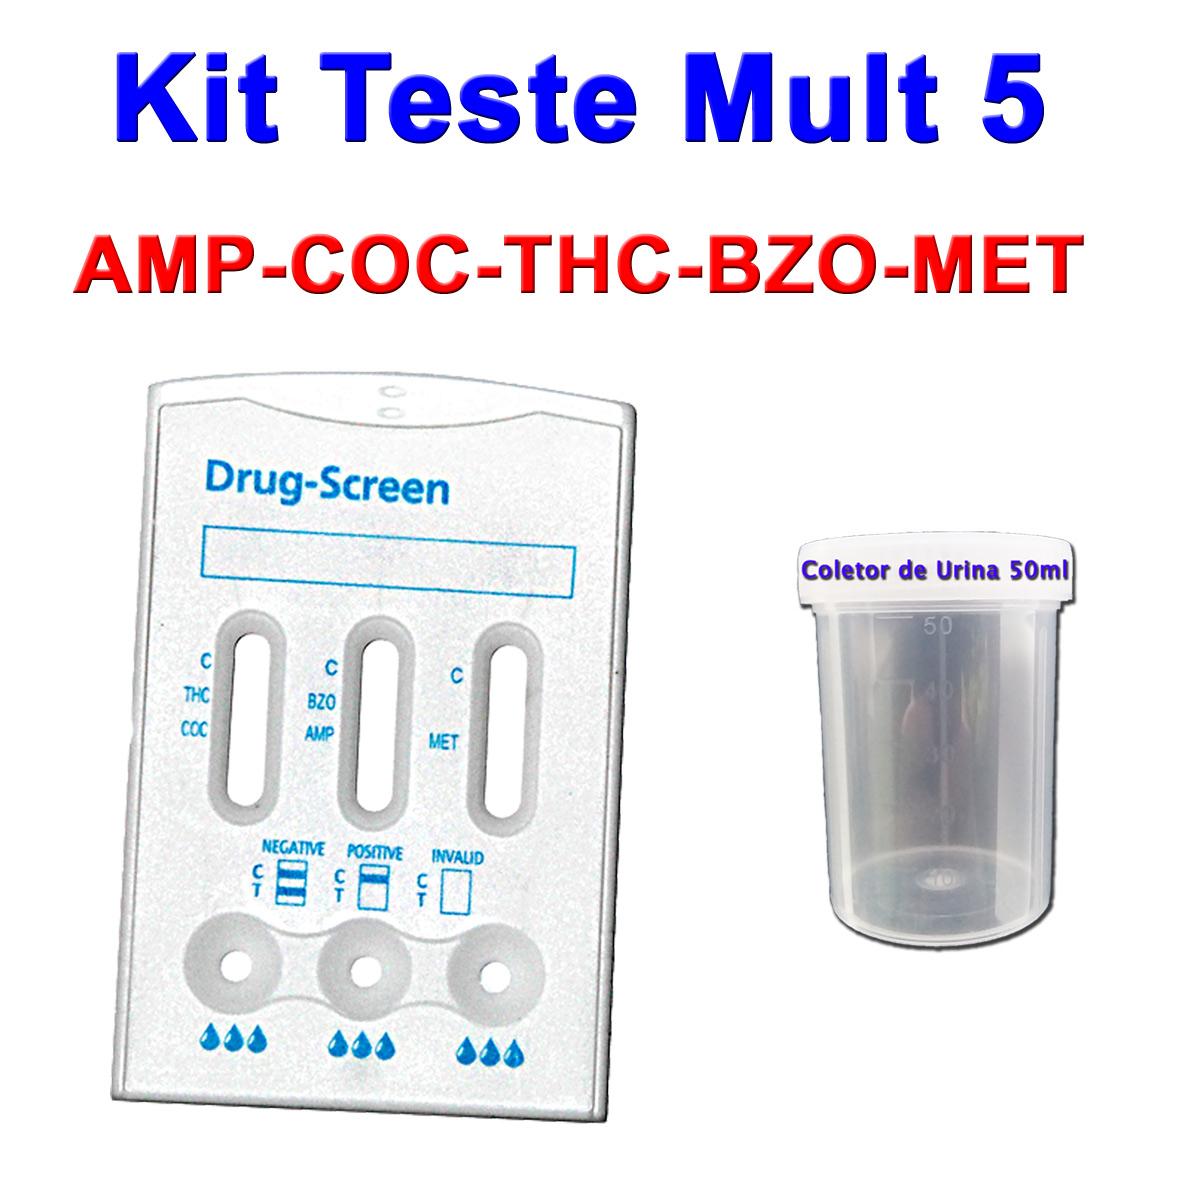 10 kits Para Teste Mult 5  - Loja Saúde - Diagnósticos e Produtos Naturais